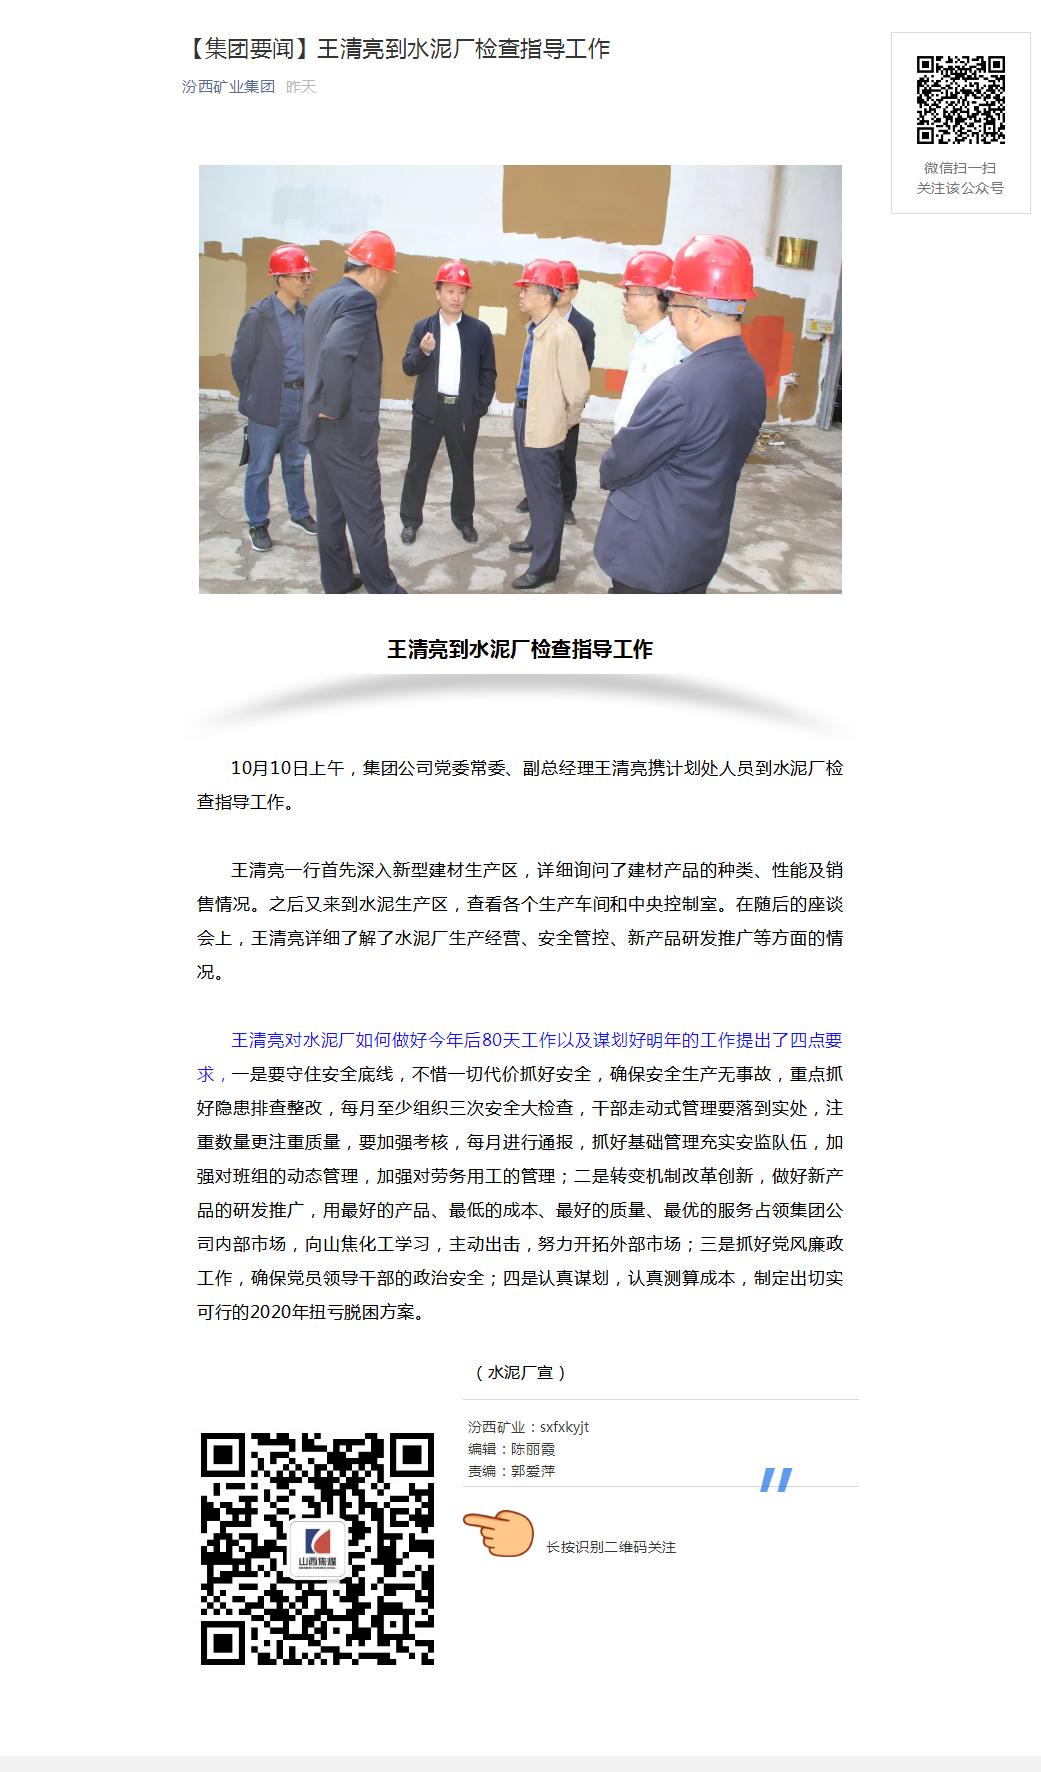 王清亮到水泥厂检查指导工作.png